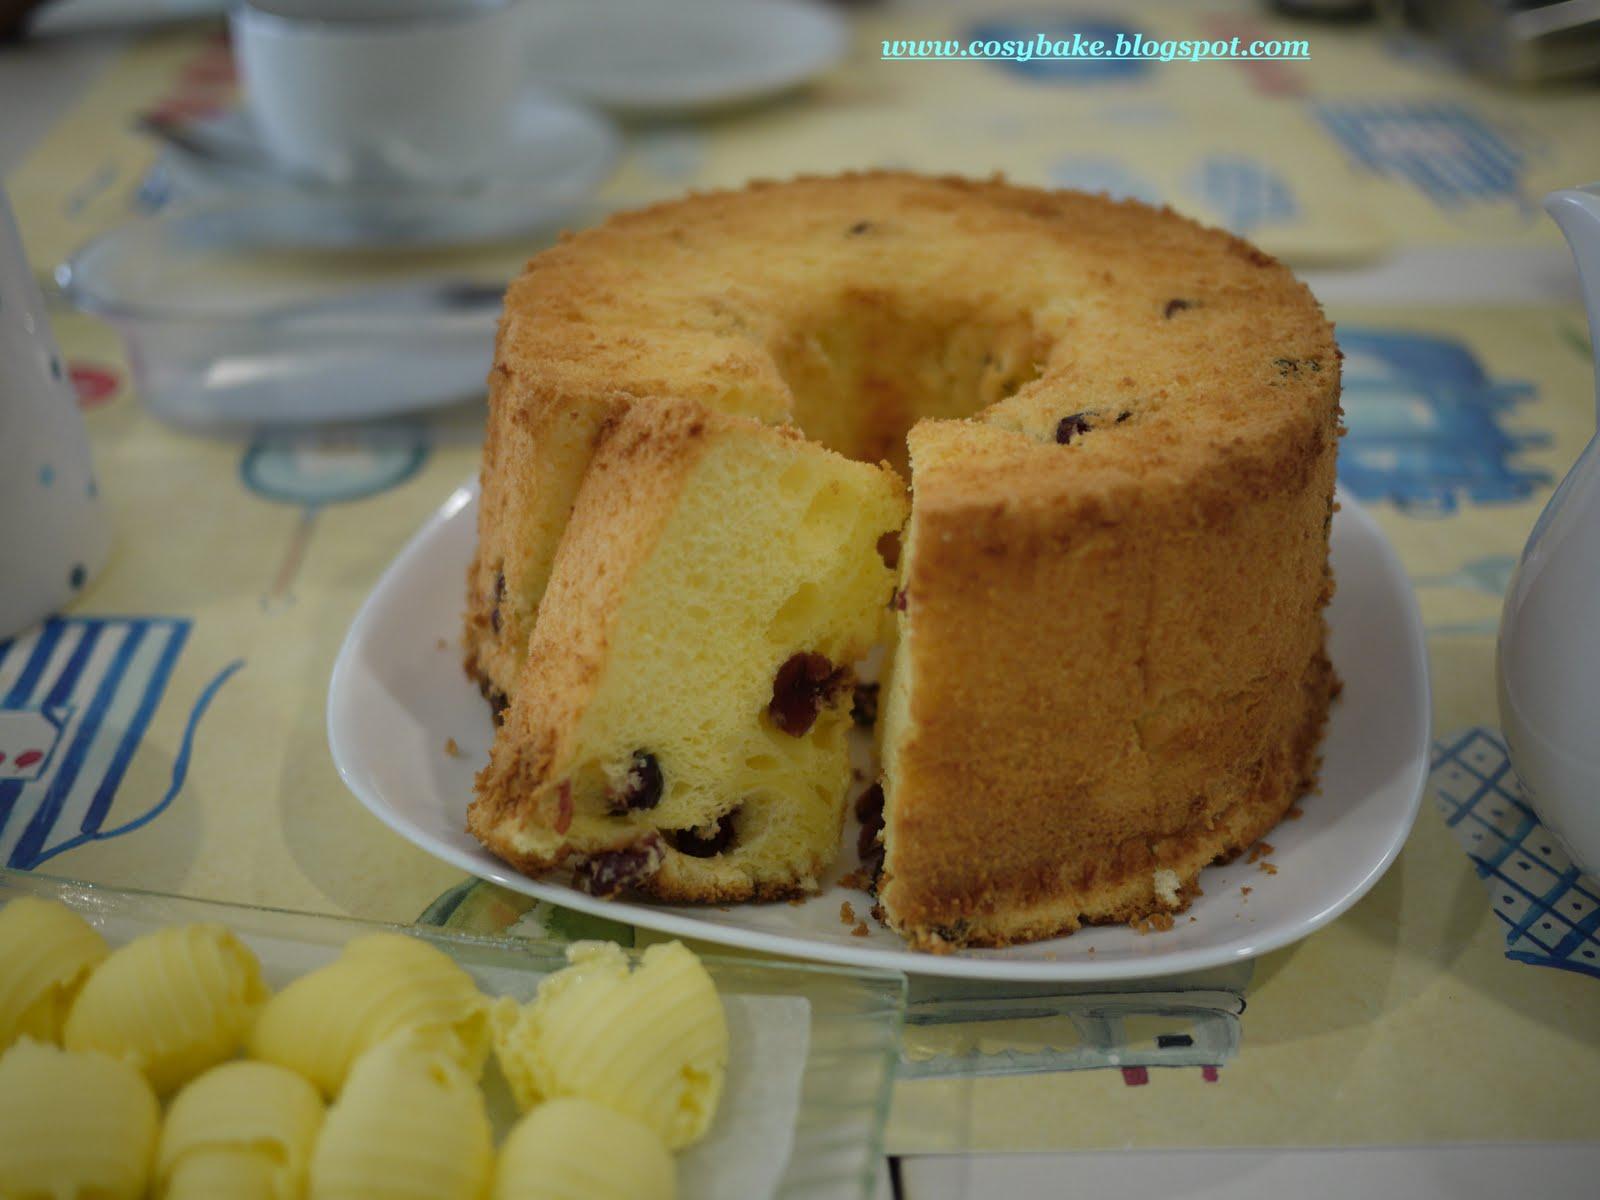 Cranberry Yogurt Chiffon Cake Recipe